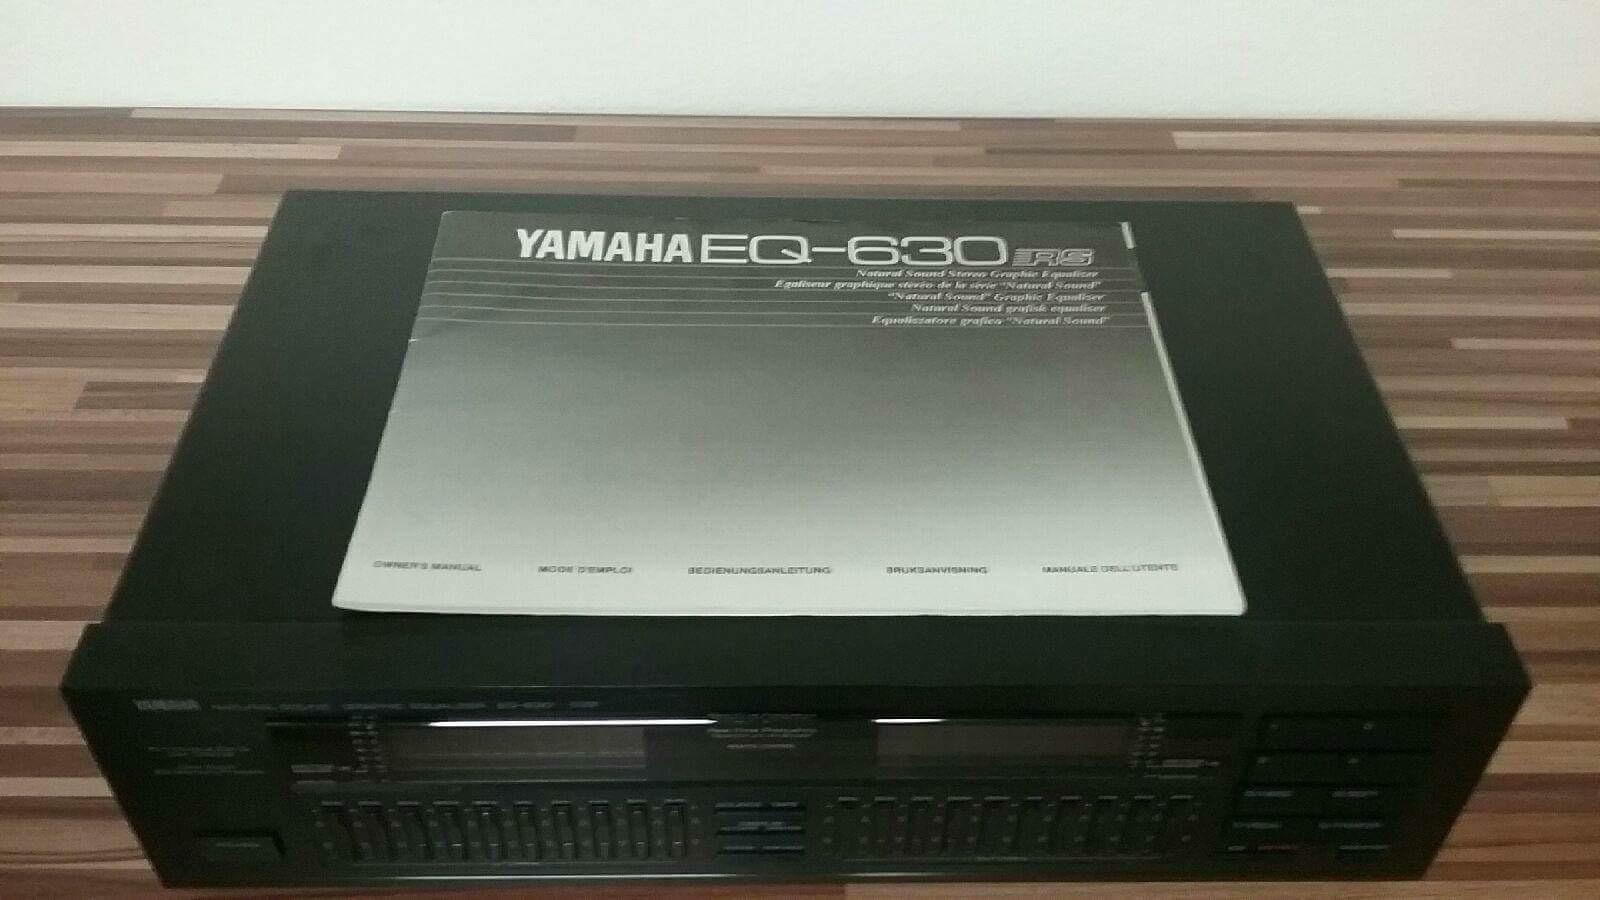 SOLD* - Yamaha Equalizer EQ-630 - Garage Sale - The Klipsch